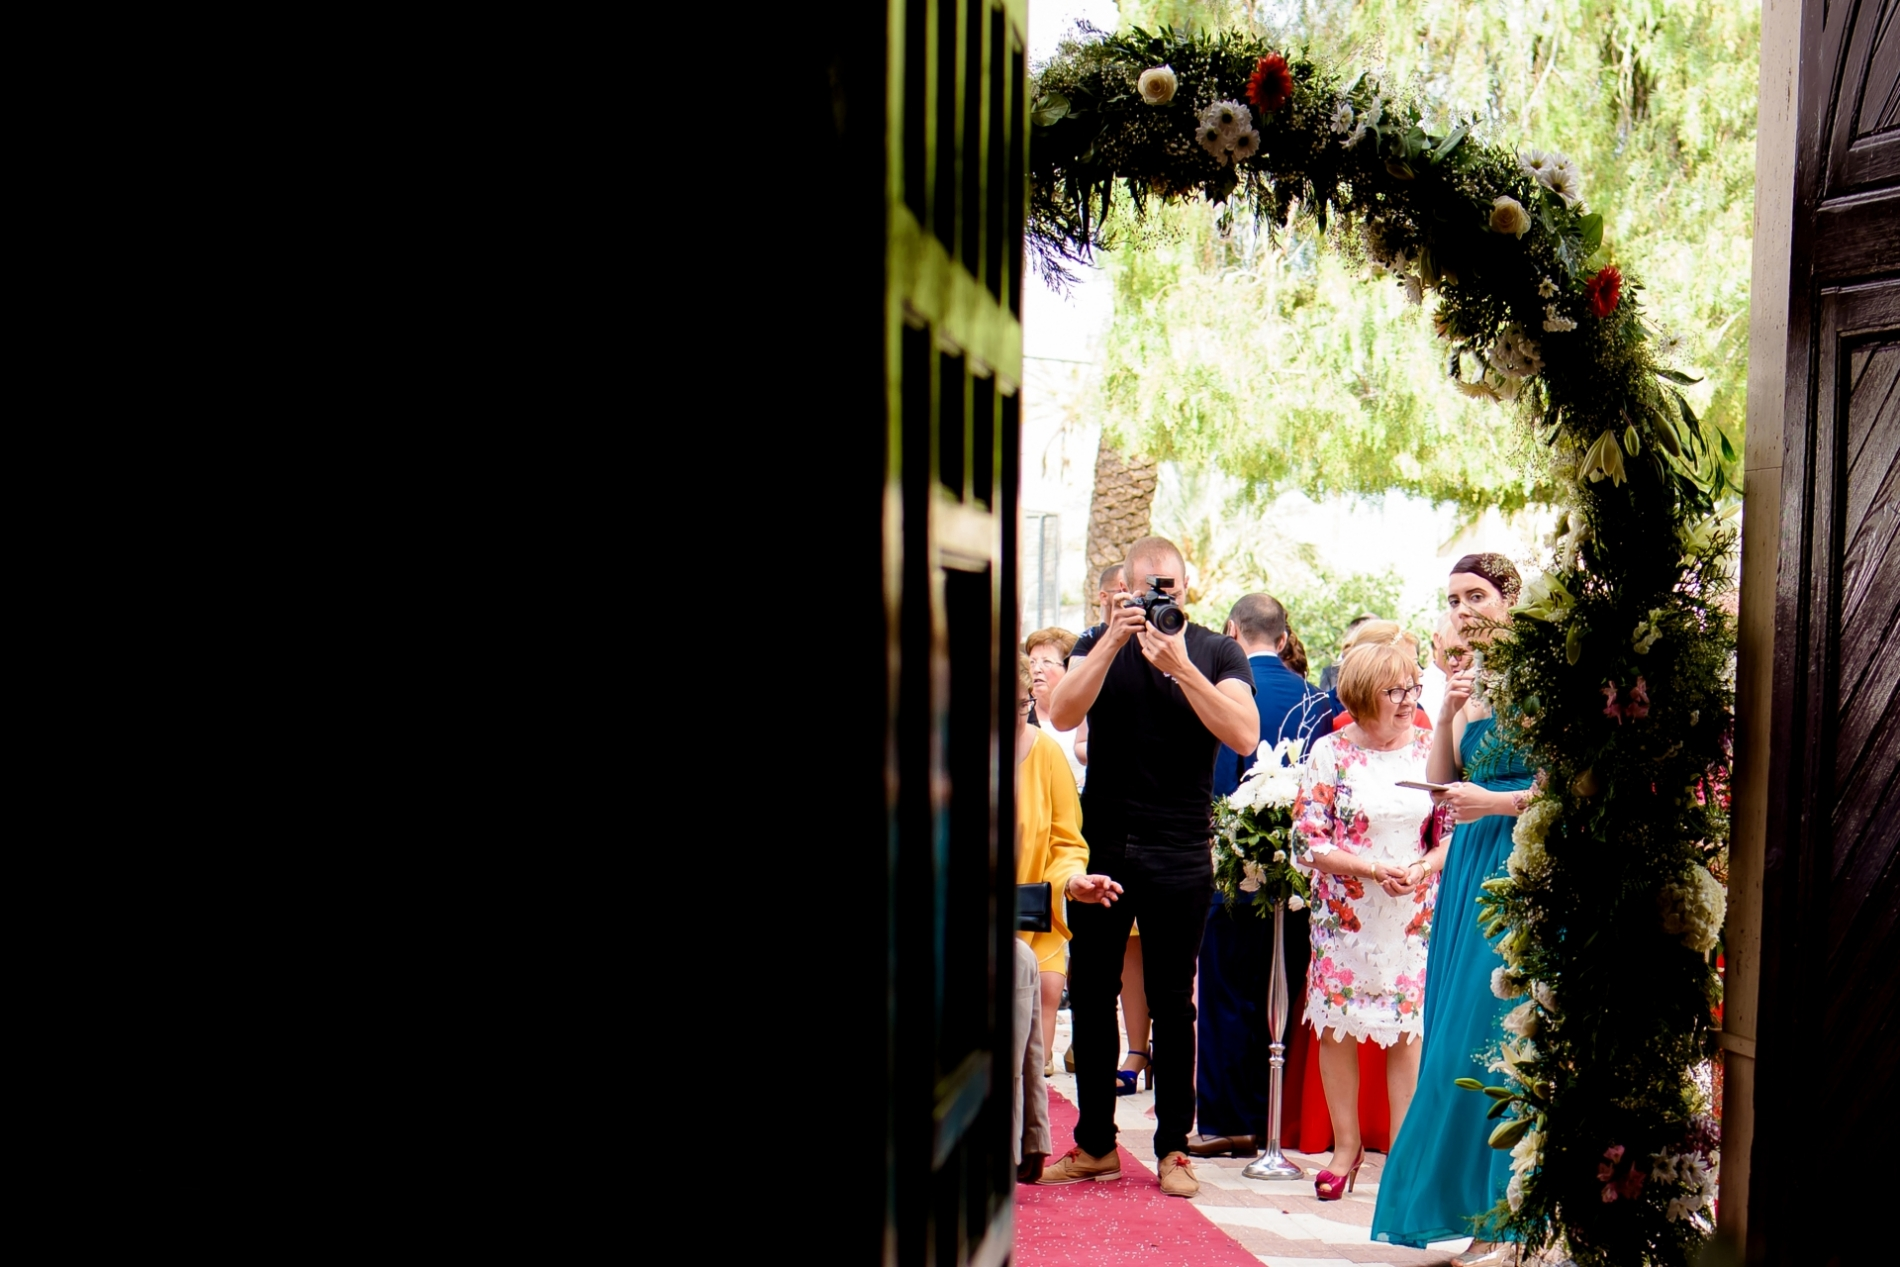 Spanien und Murcia Hochzeitsfotograf Eduardo Blanco arbeitet mit Kamera